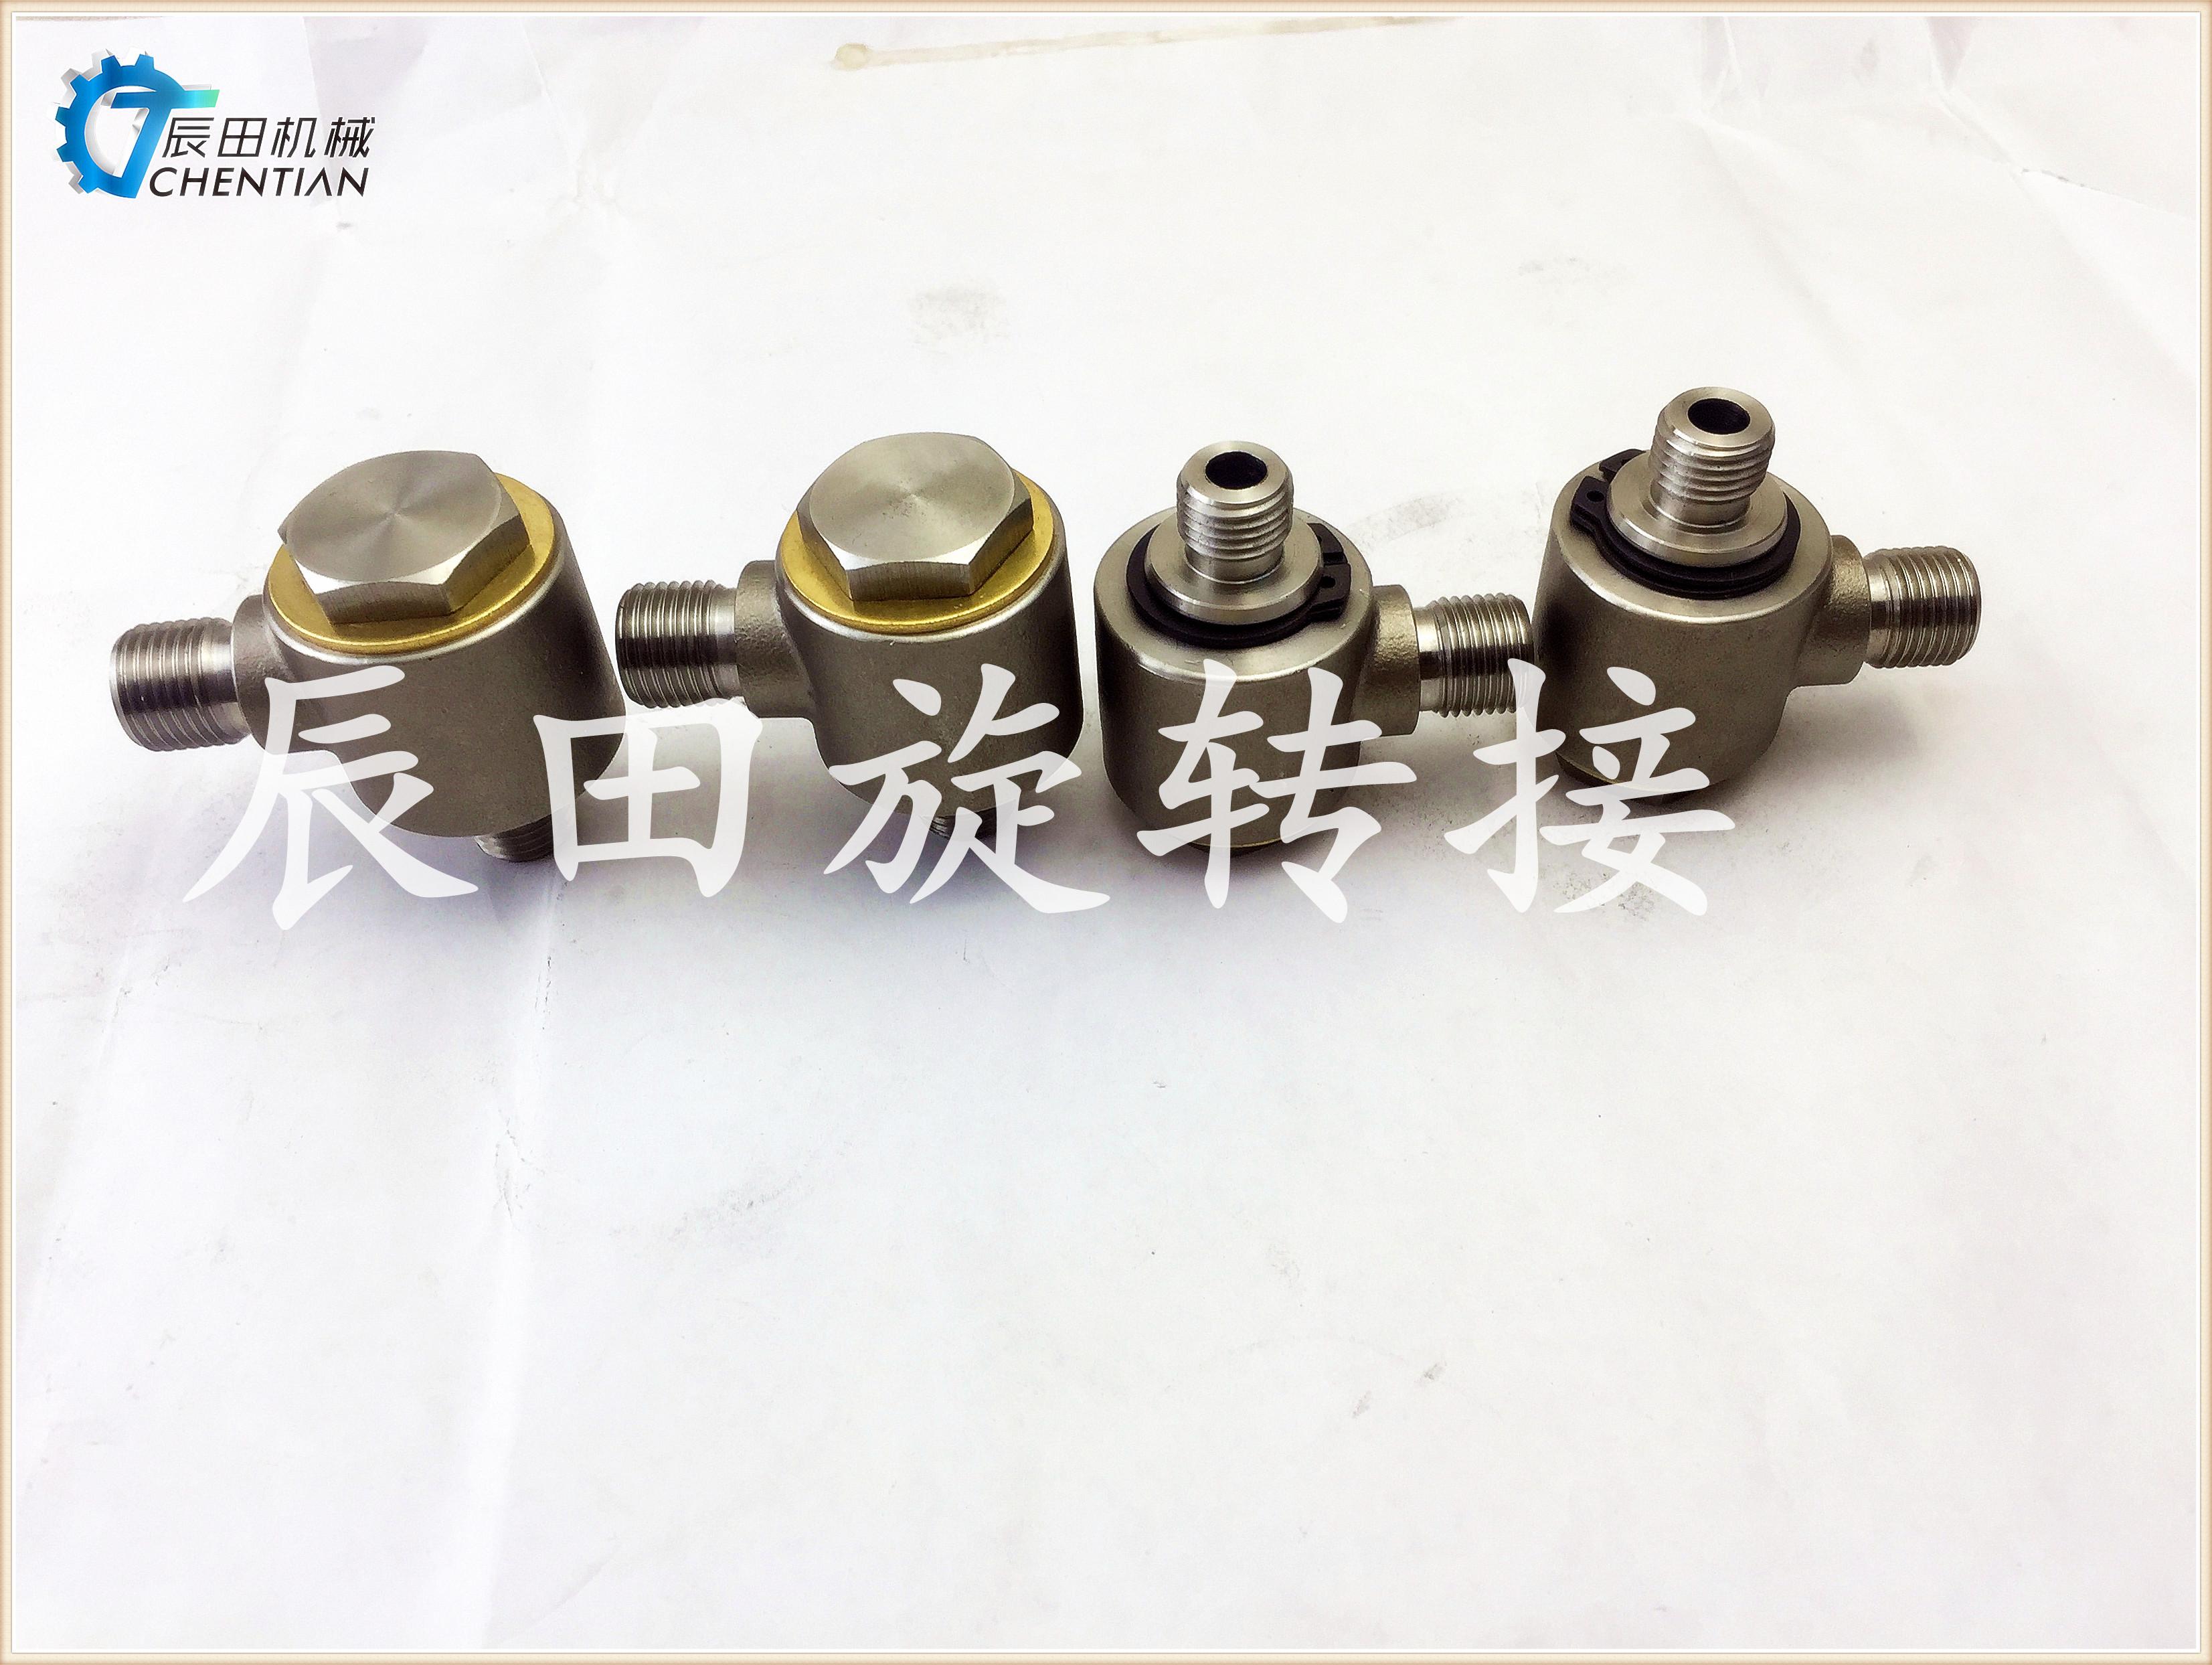 优质不锈钢304耐腐蚀高压直角通水气液压油连接管道用旋转接头 通液压油旋转接头